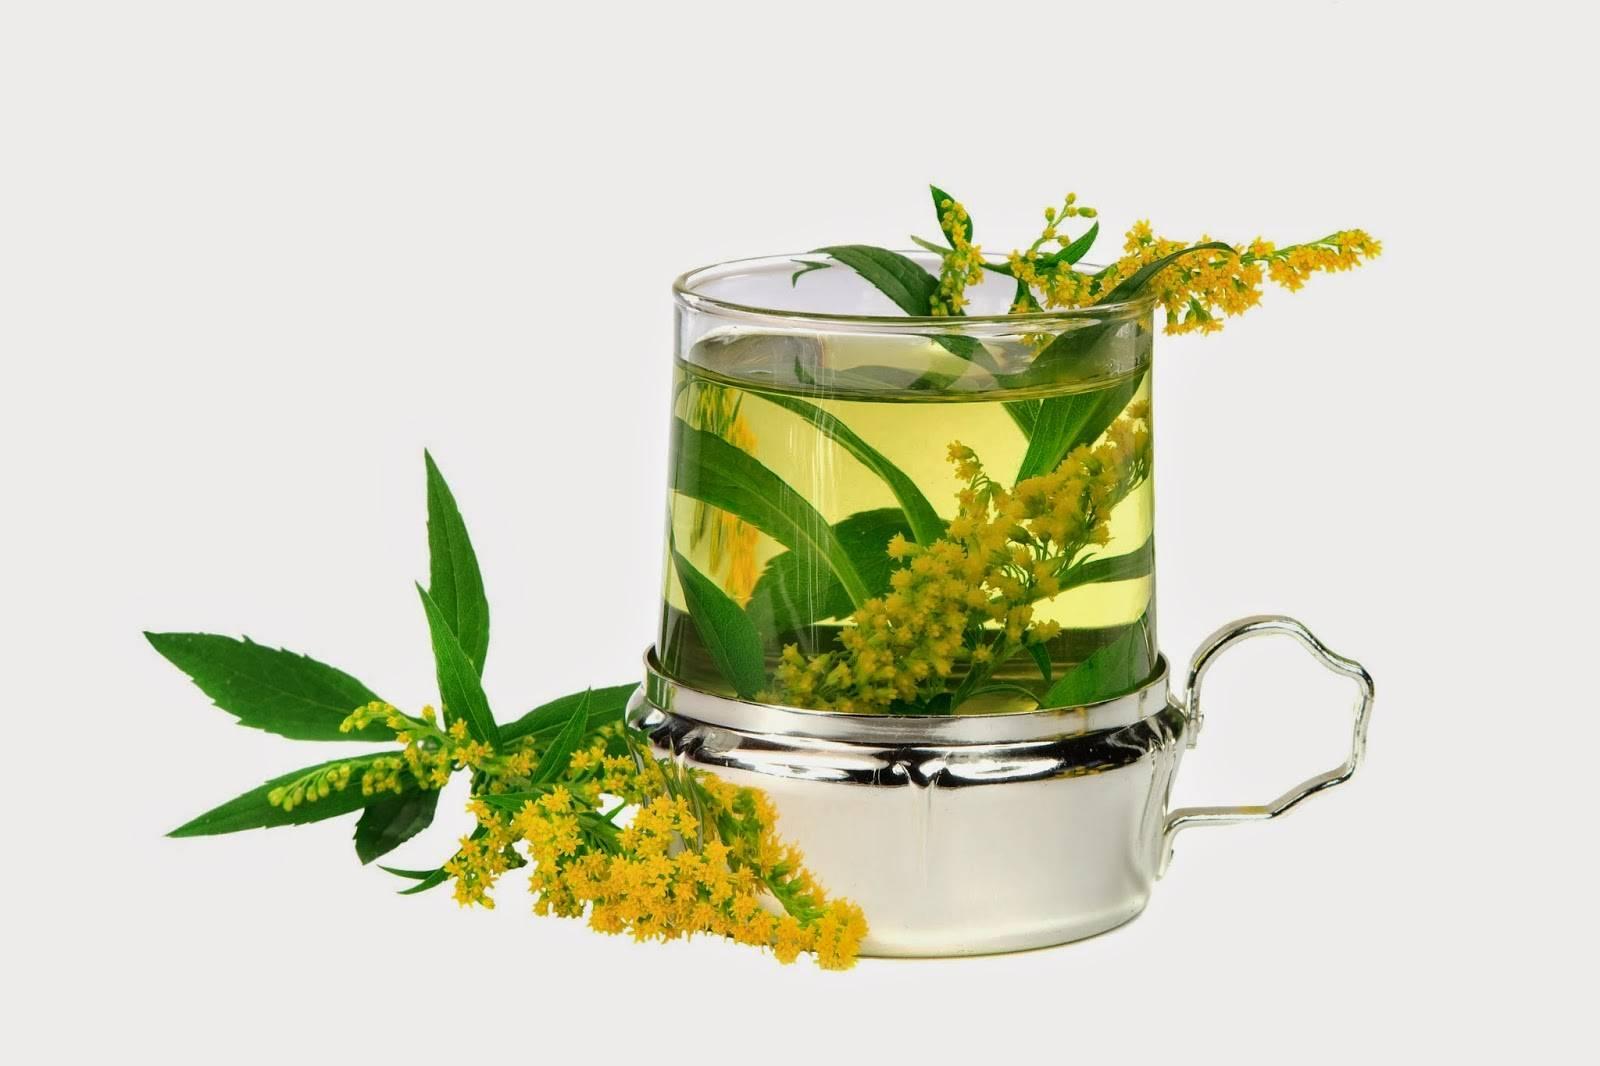 Золотая розга: лечебные свойства, применение, противопоказания